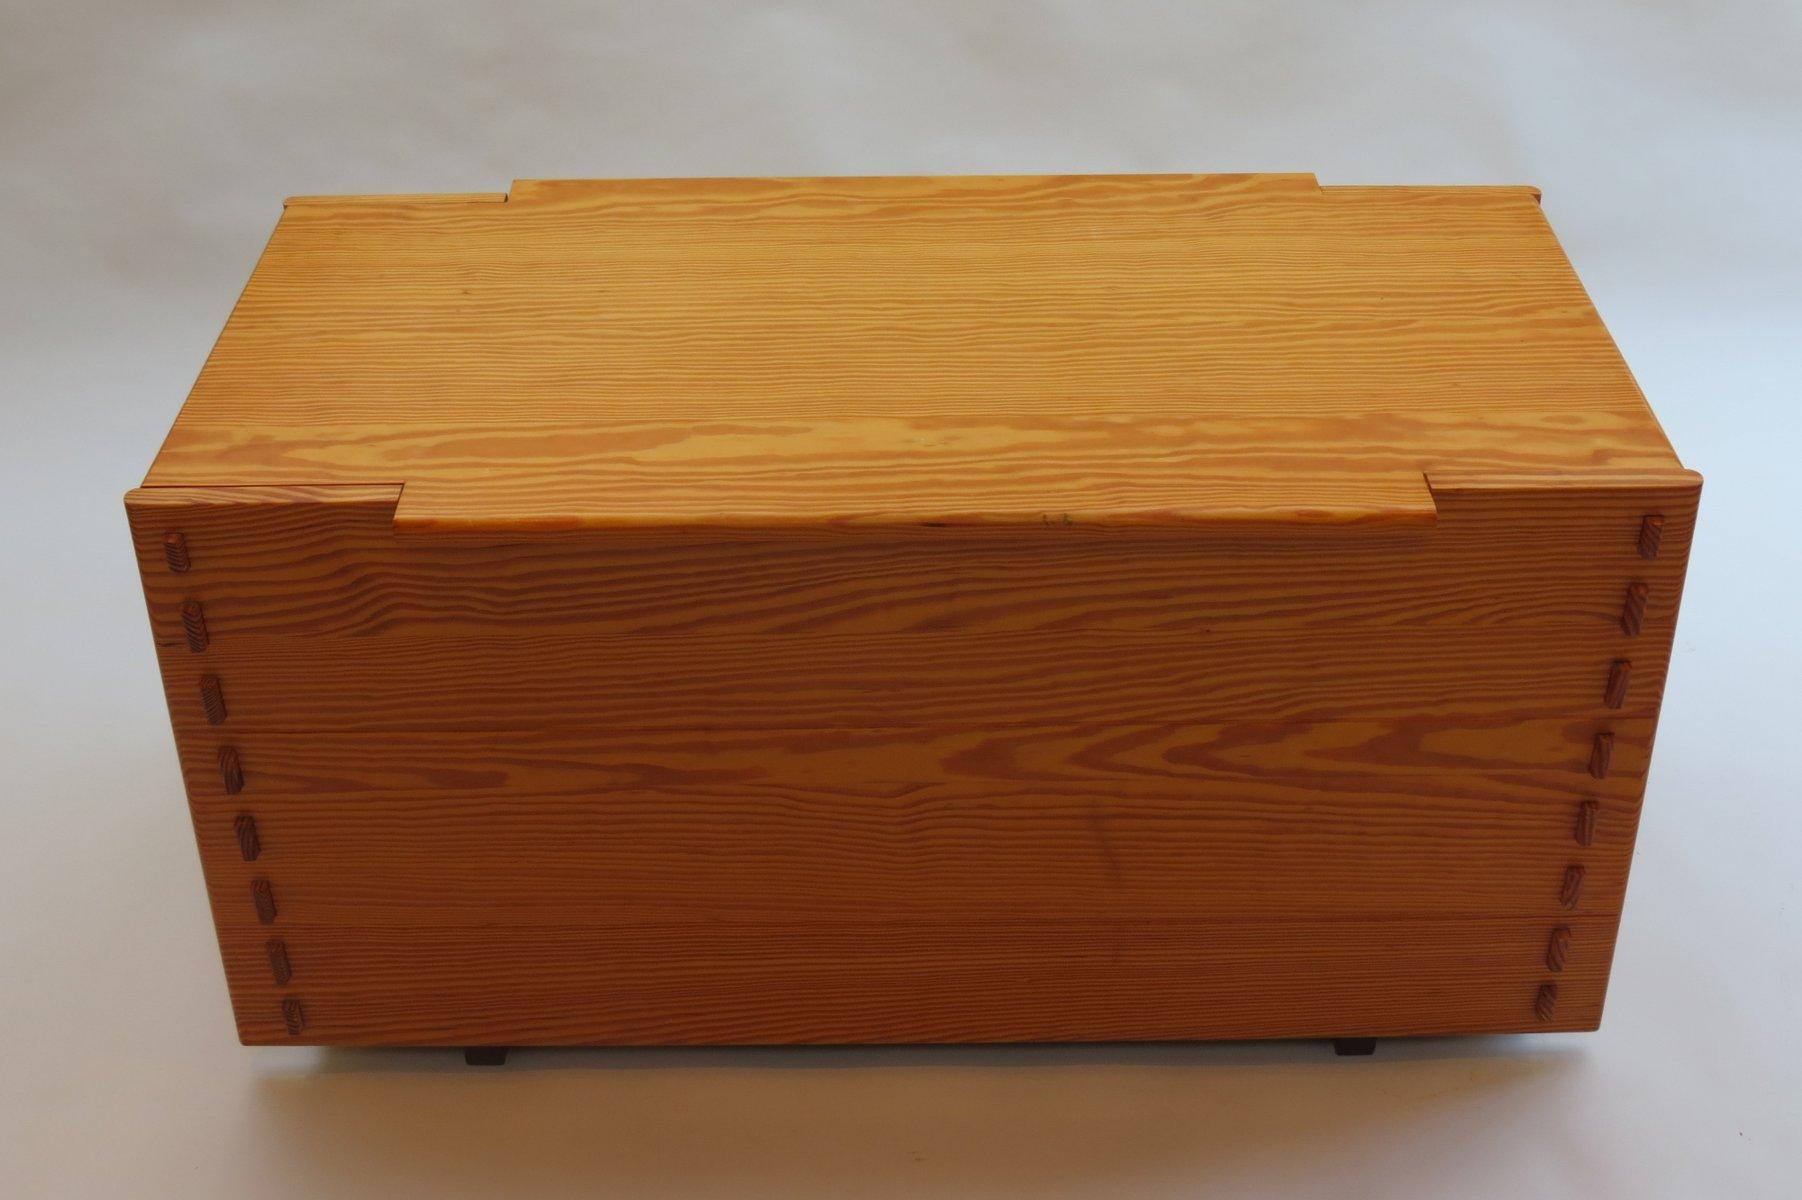 gro e kommode aus pinienholz von alan peters 1980er cafe konrad vib. Black Bedroom Furniture Sets. Home Design Ideas